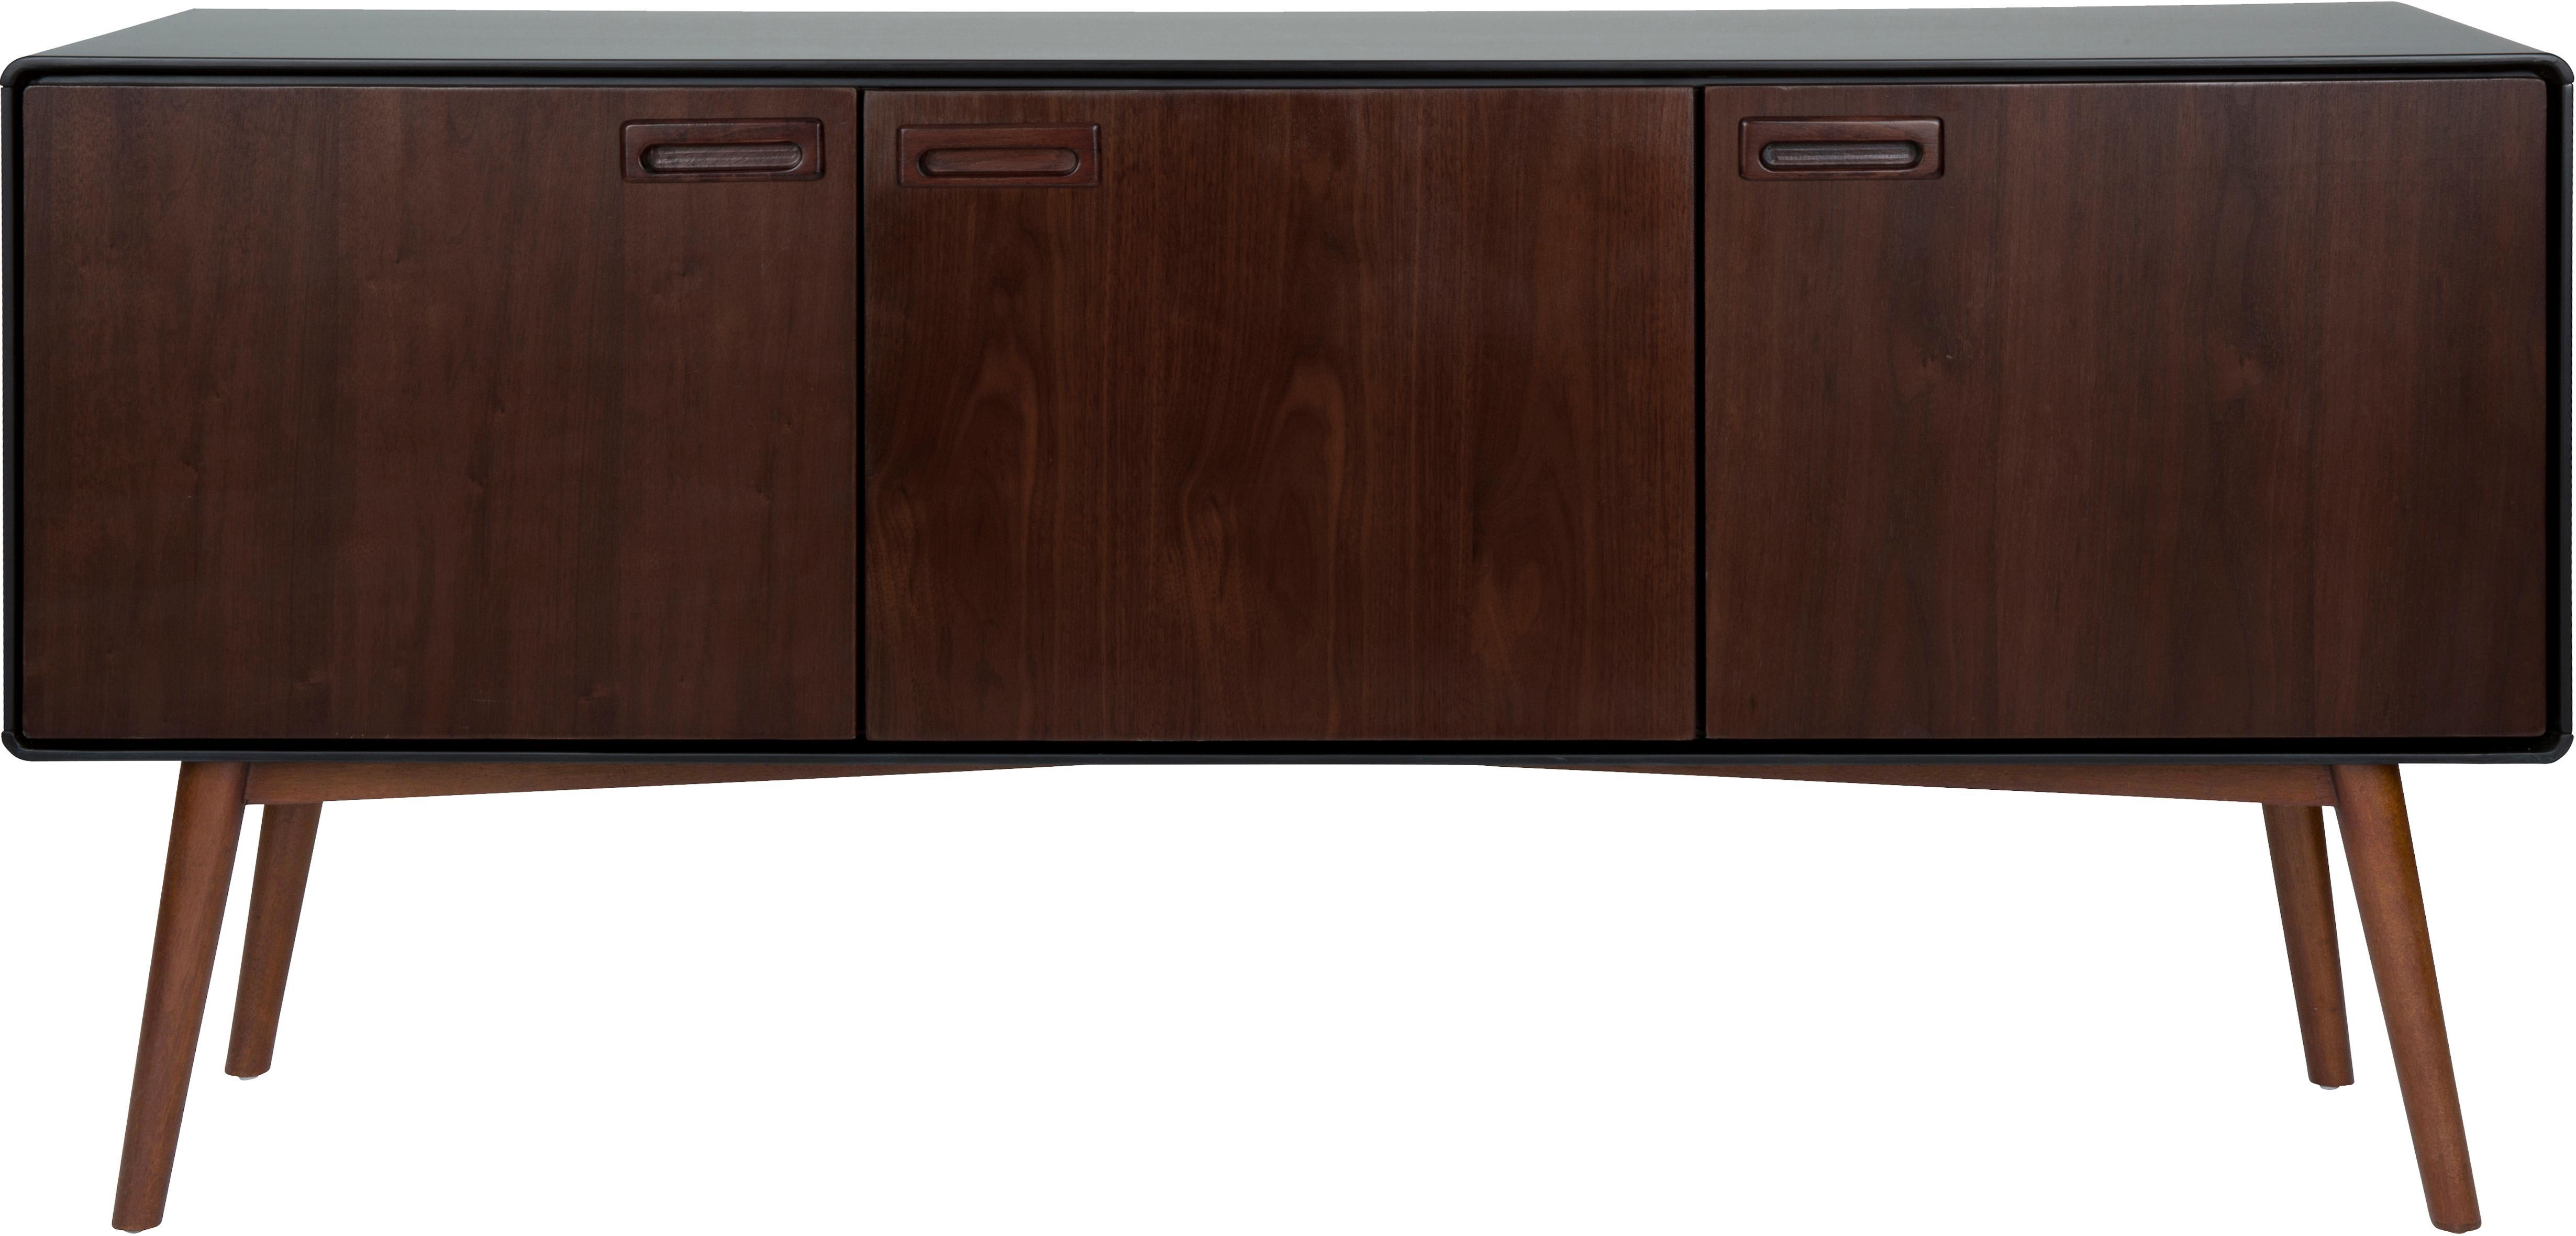 Credenza retrò con finitura in noce Juju, Piedini: legno massello di frassin, Marrone, nero, Larg. 150 x Alt. 73 cm